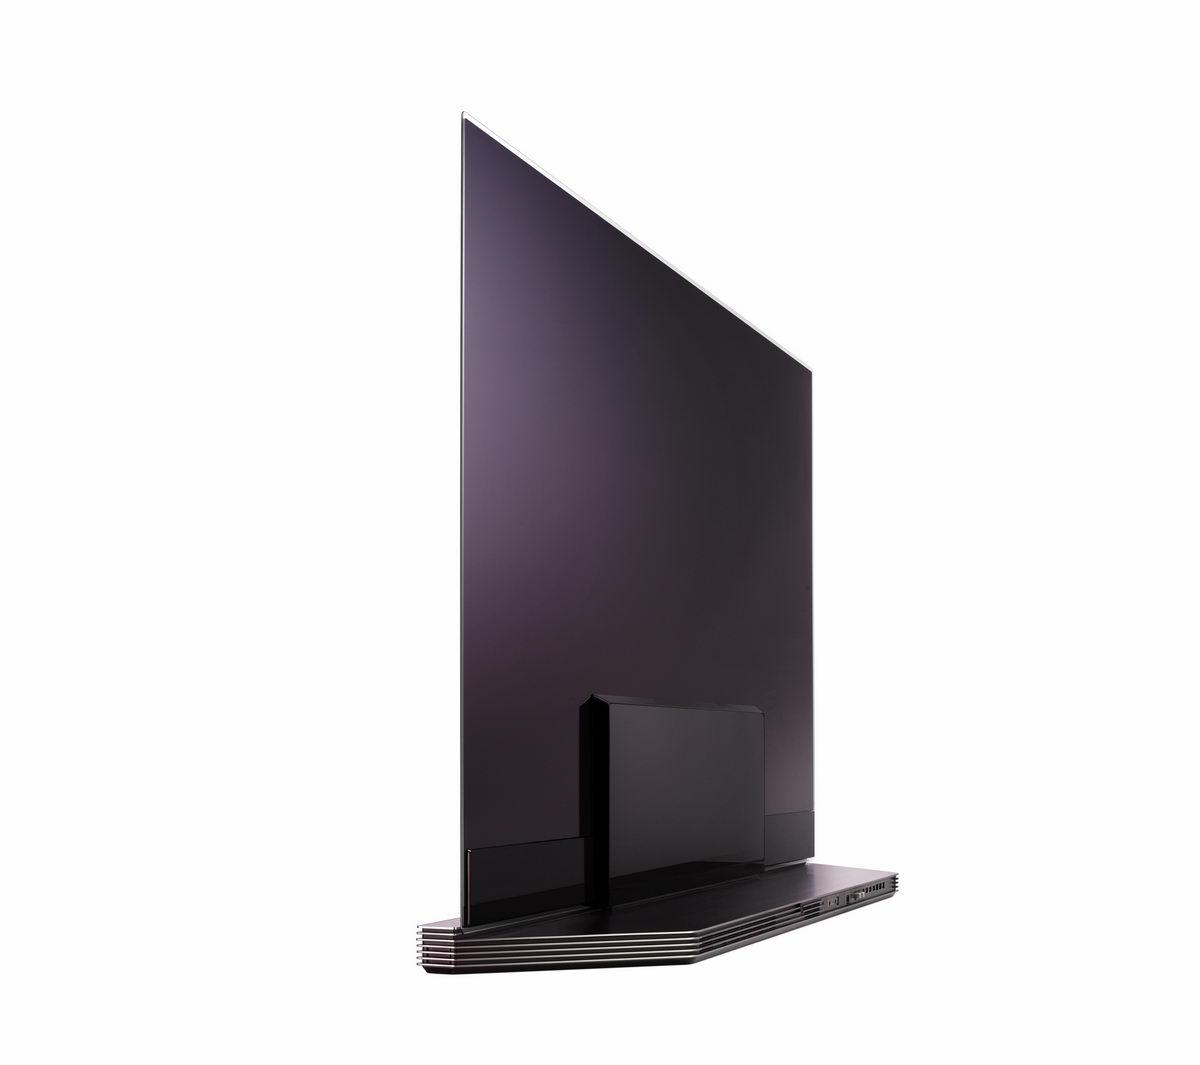 تلویزیون OLED 4K الجی با پشتیبانی از فناوری HDR Pro